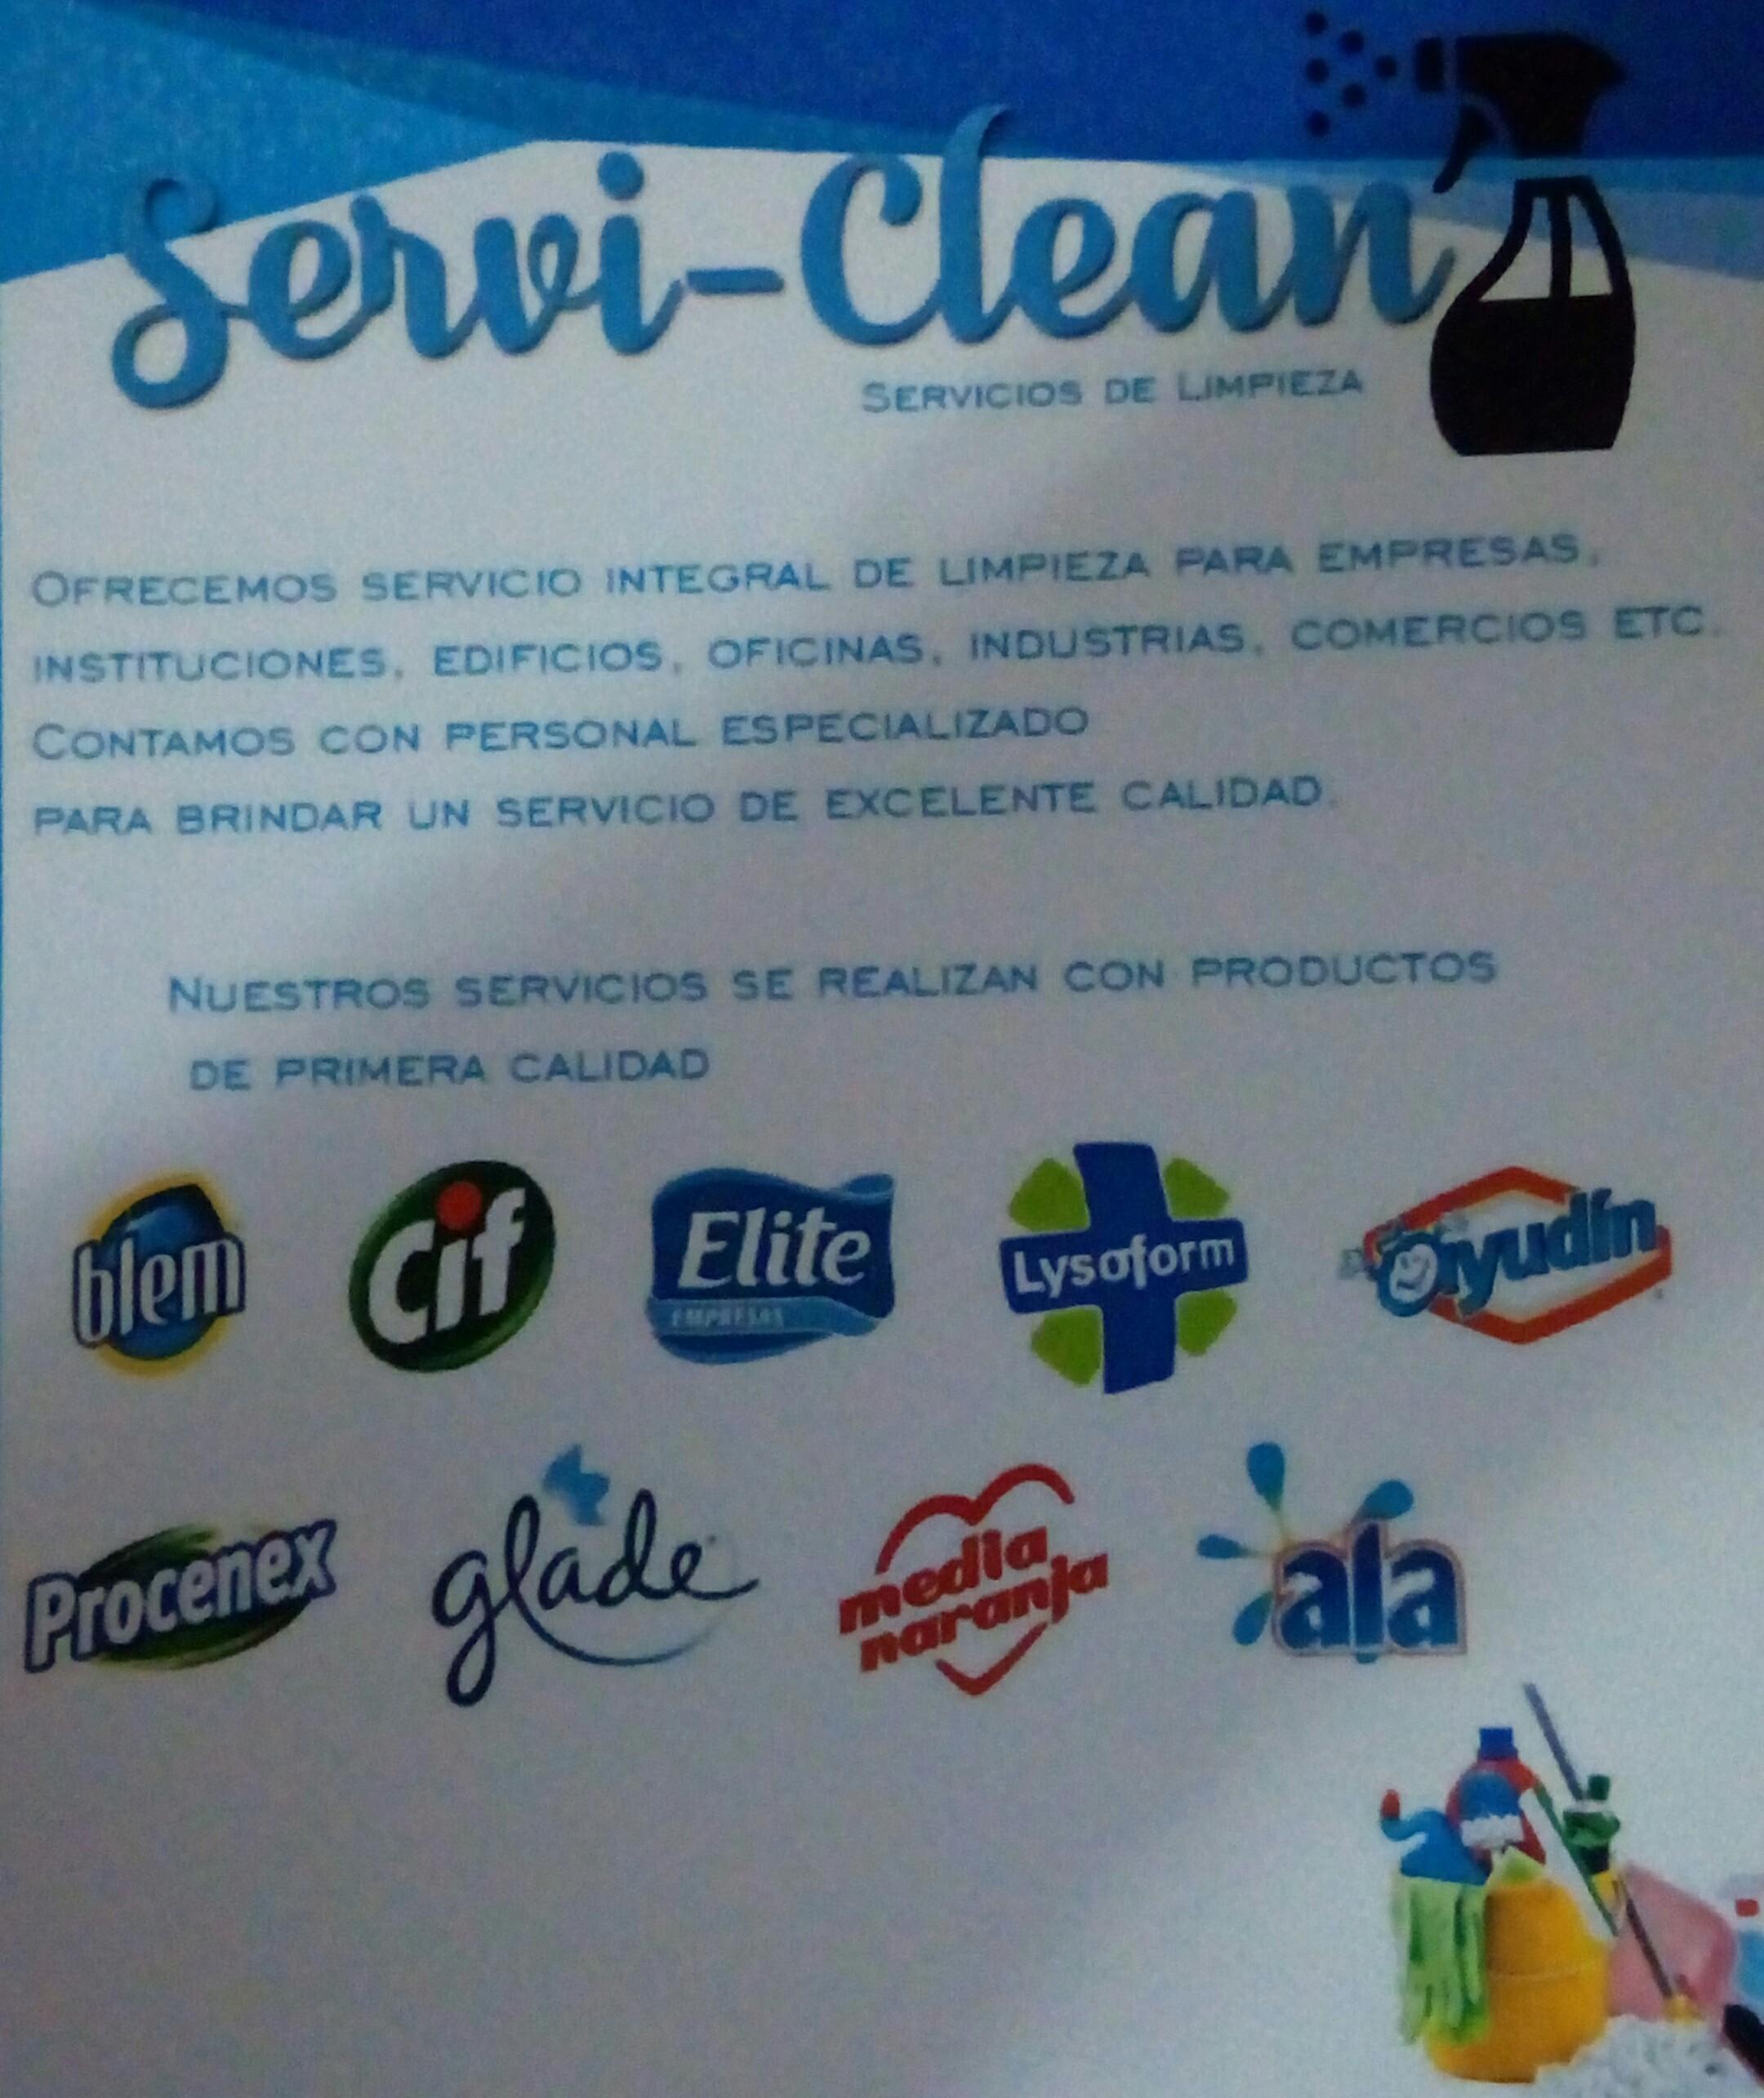 Empresa de limpieza Serví Clean